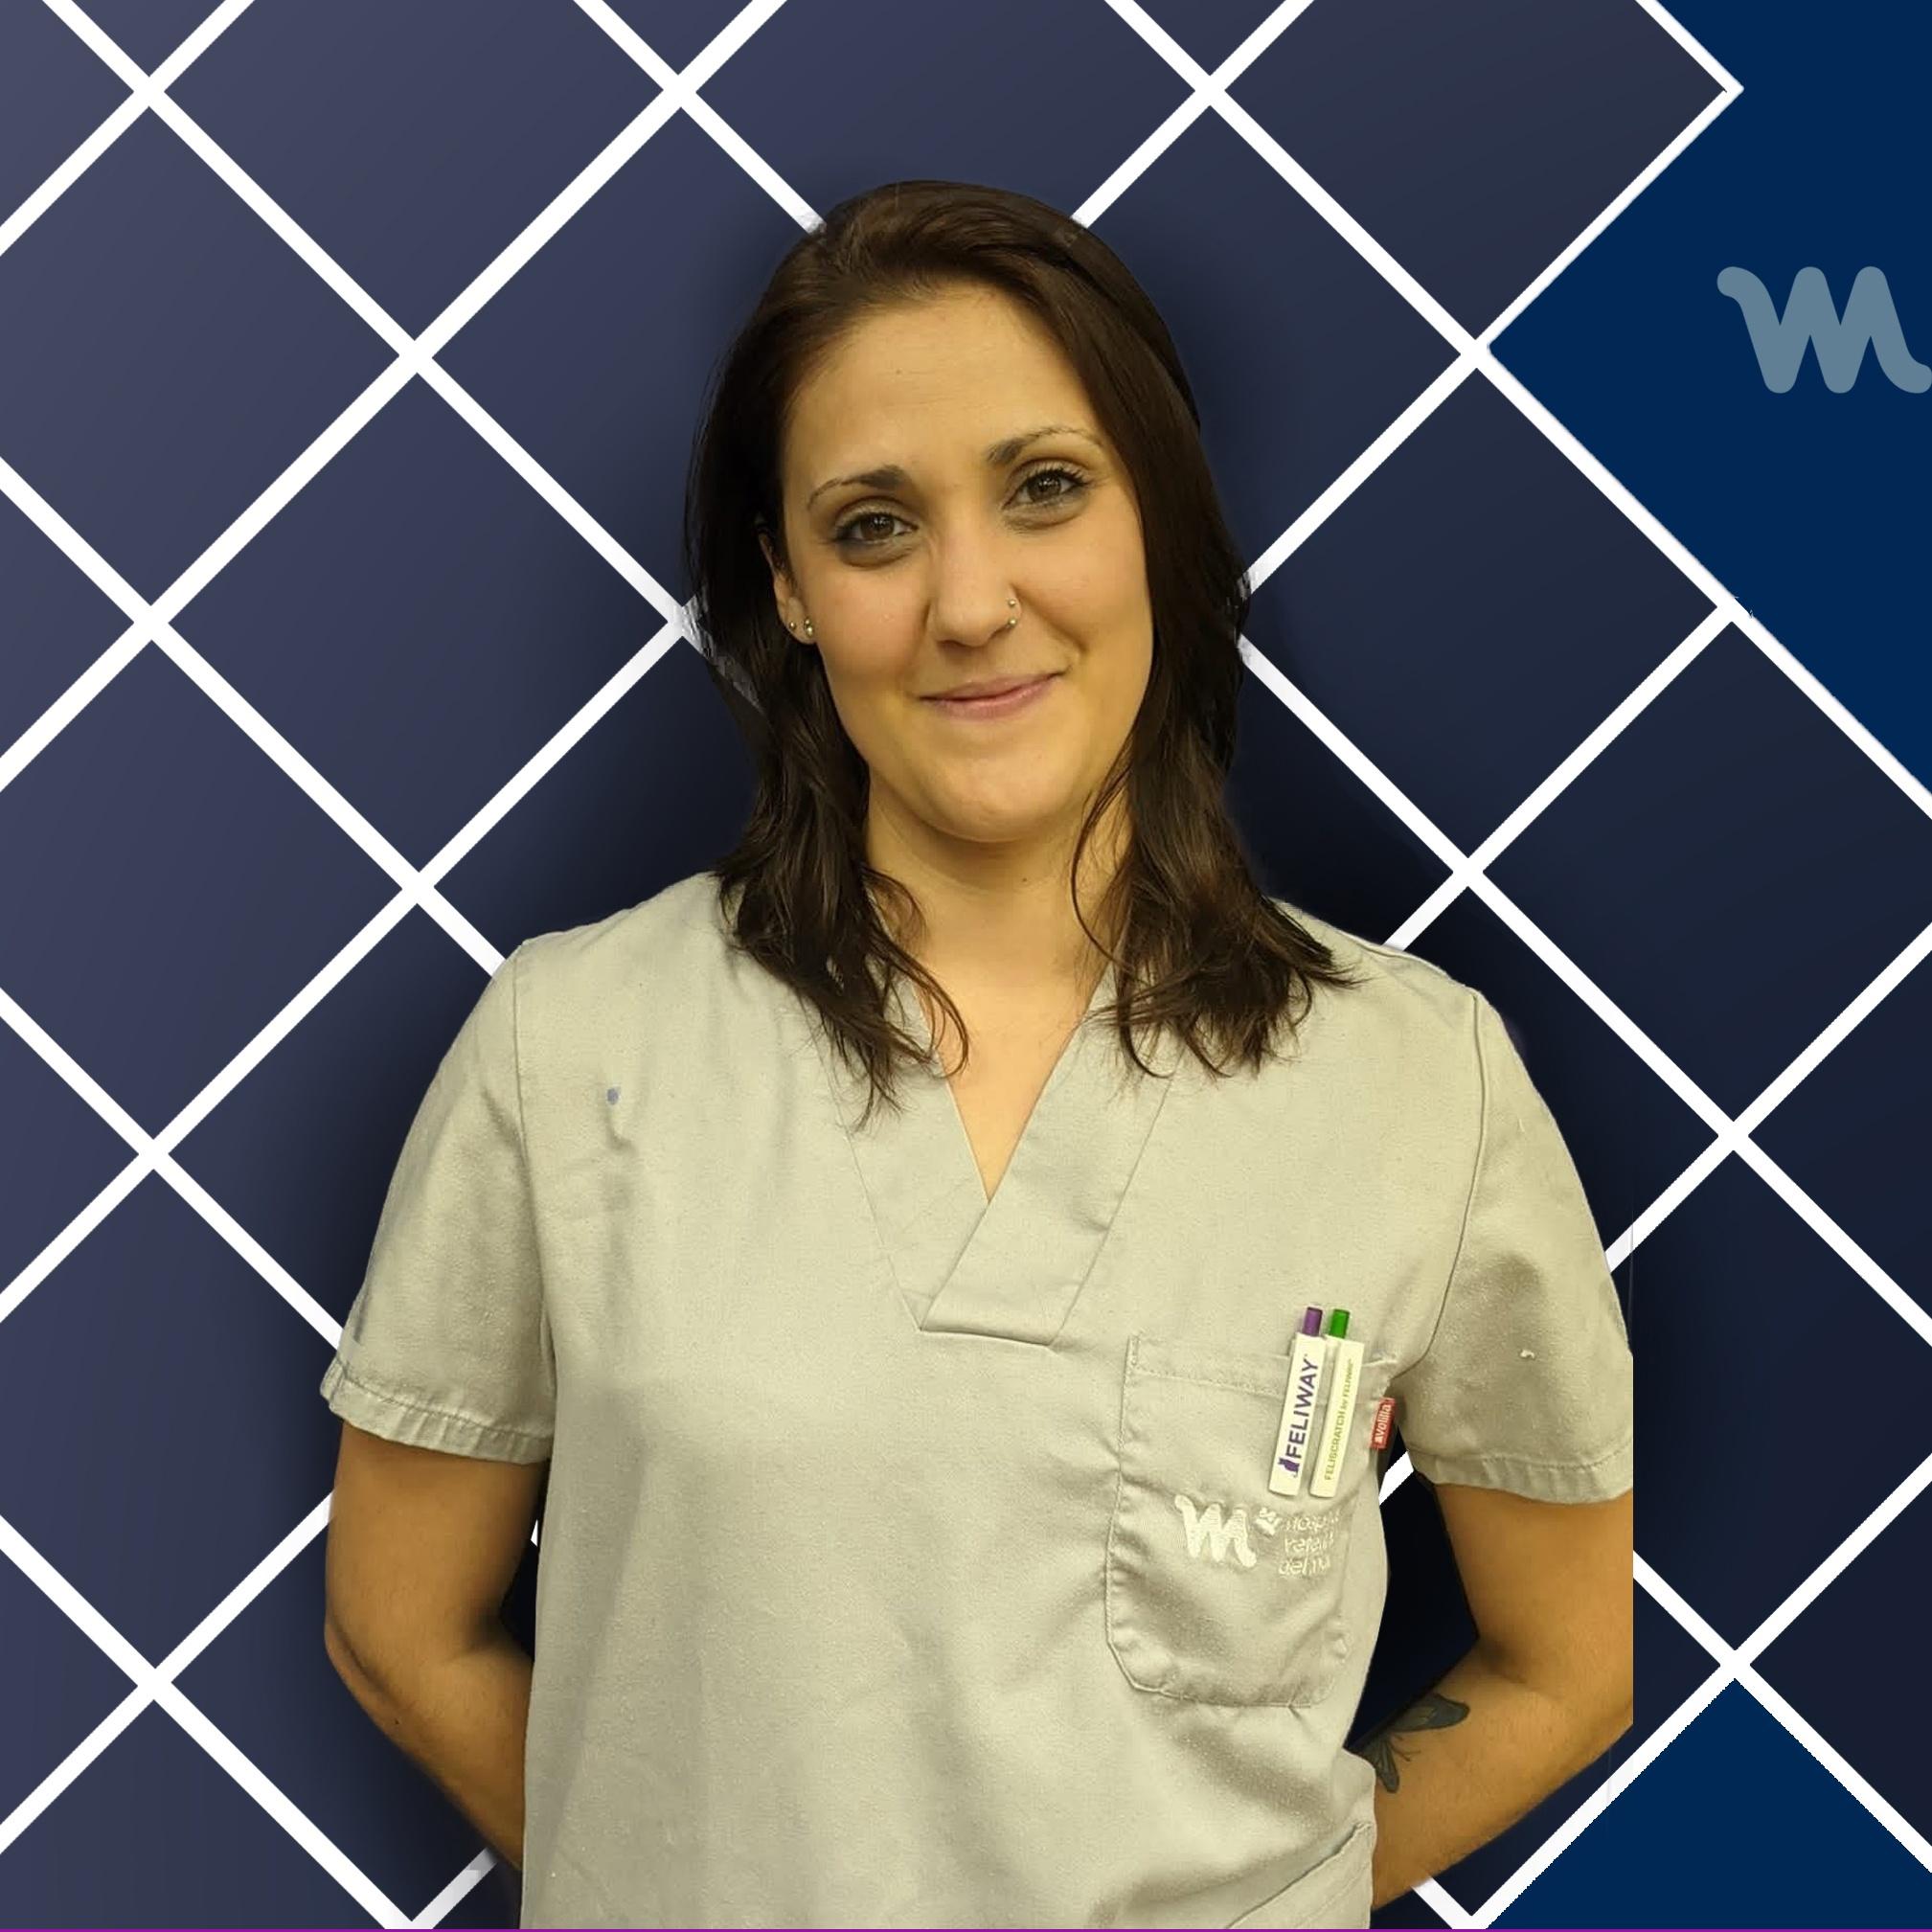 Recepción Hospital Veterinario del Mar | Soraya de la Fuente